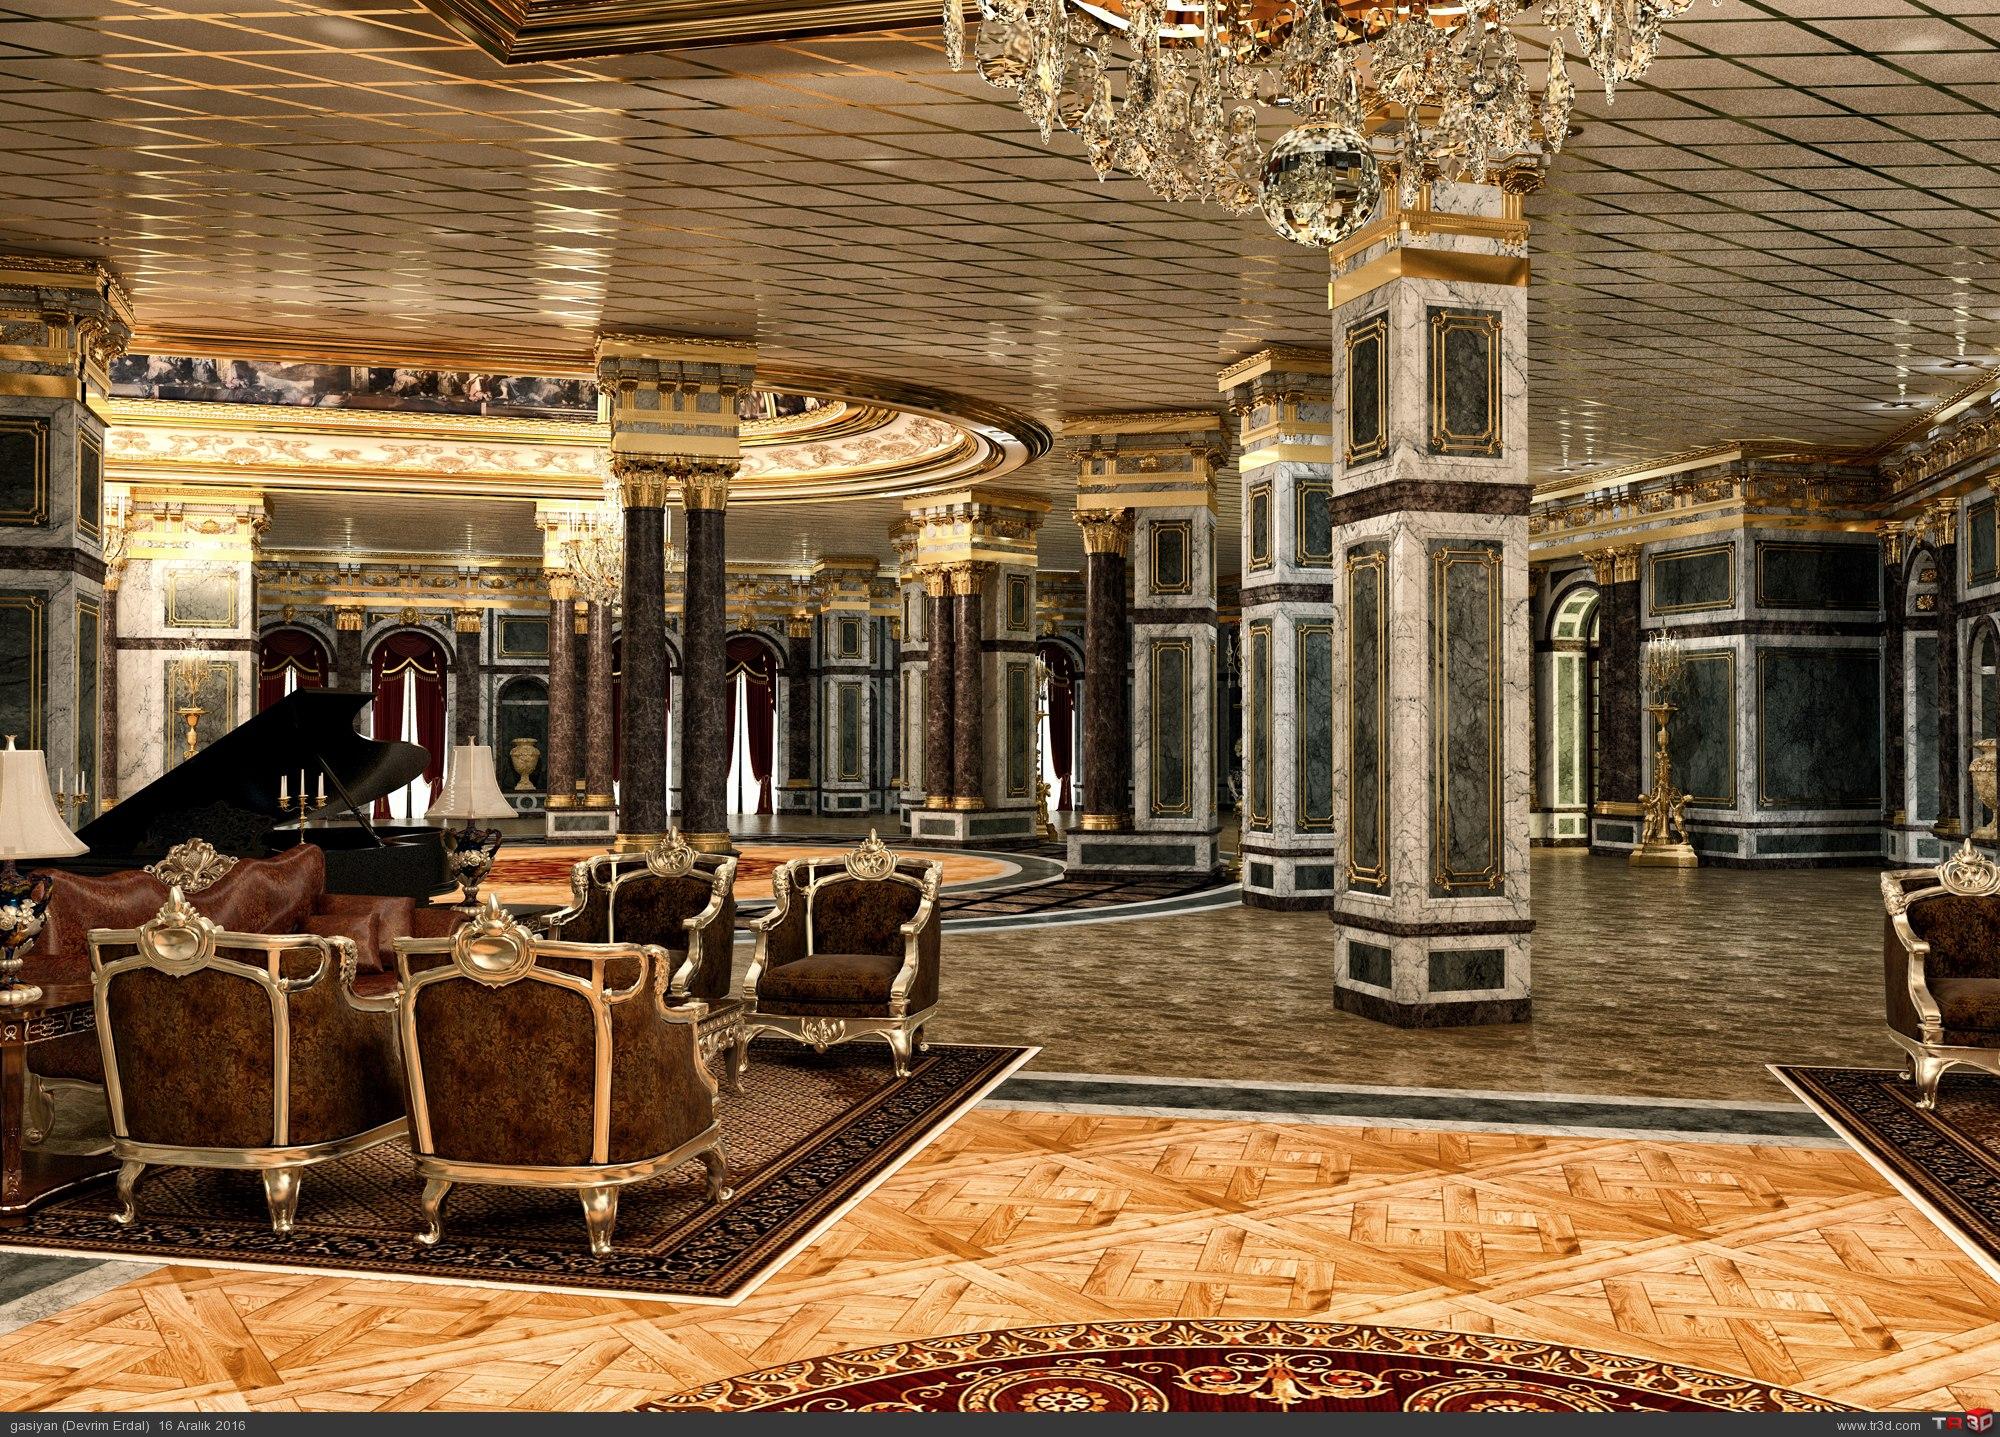 İran 5 yıldız otel projesi 2